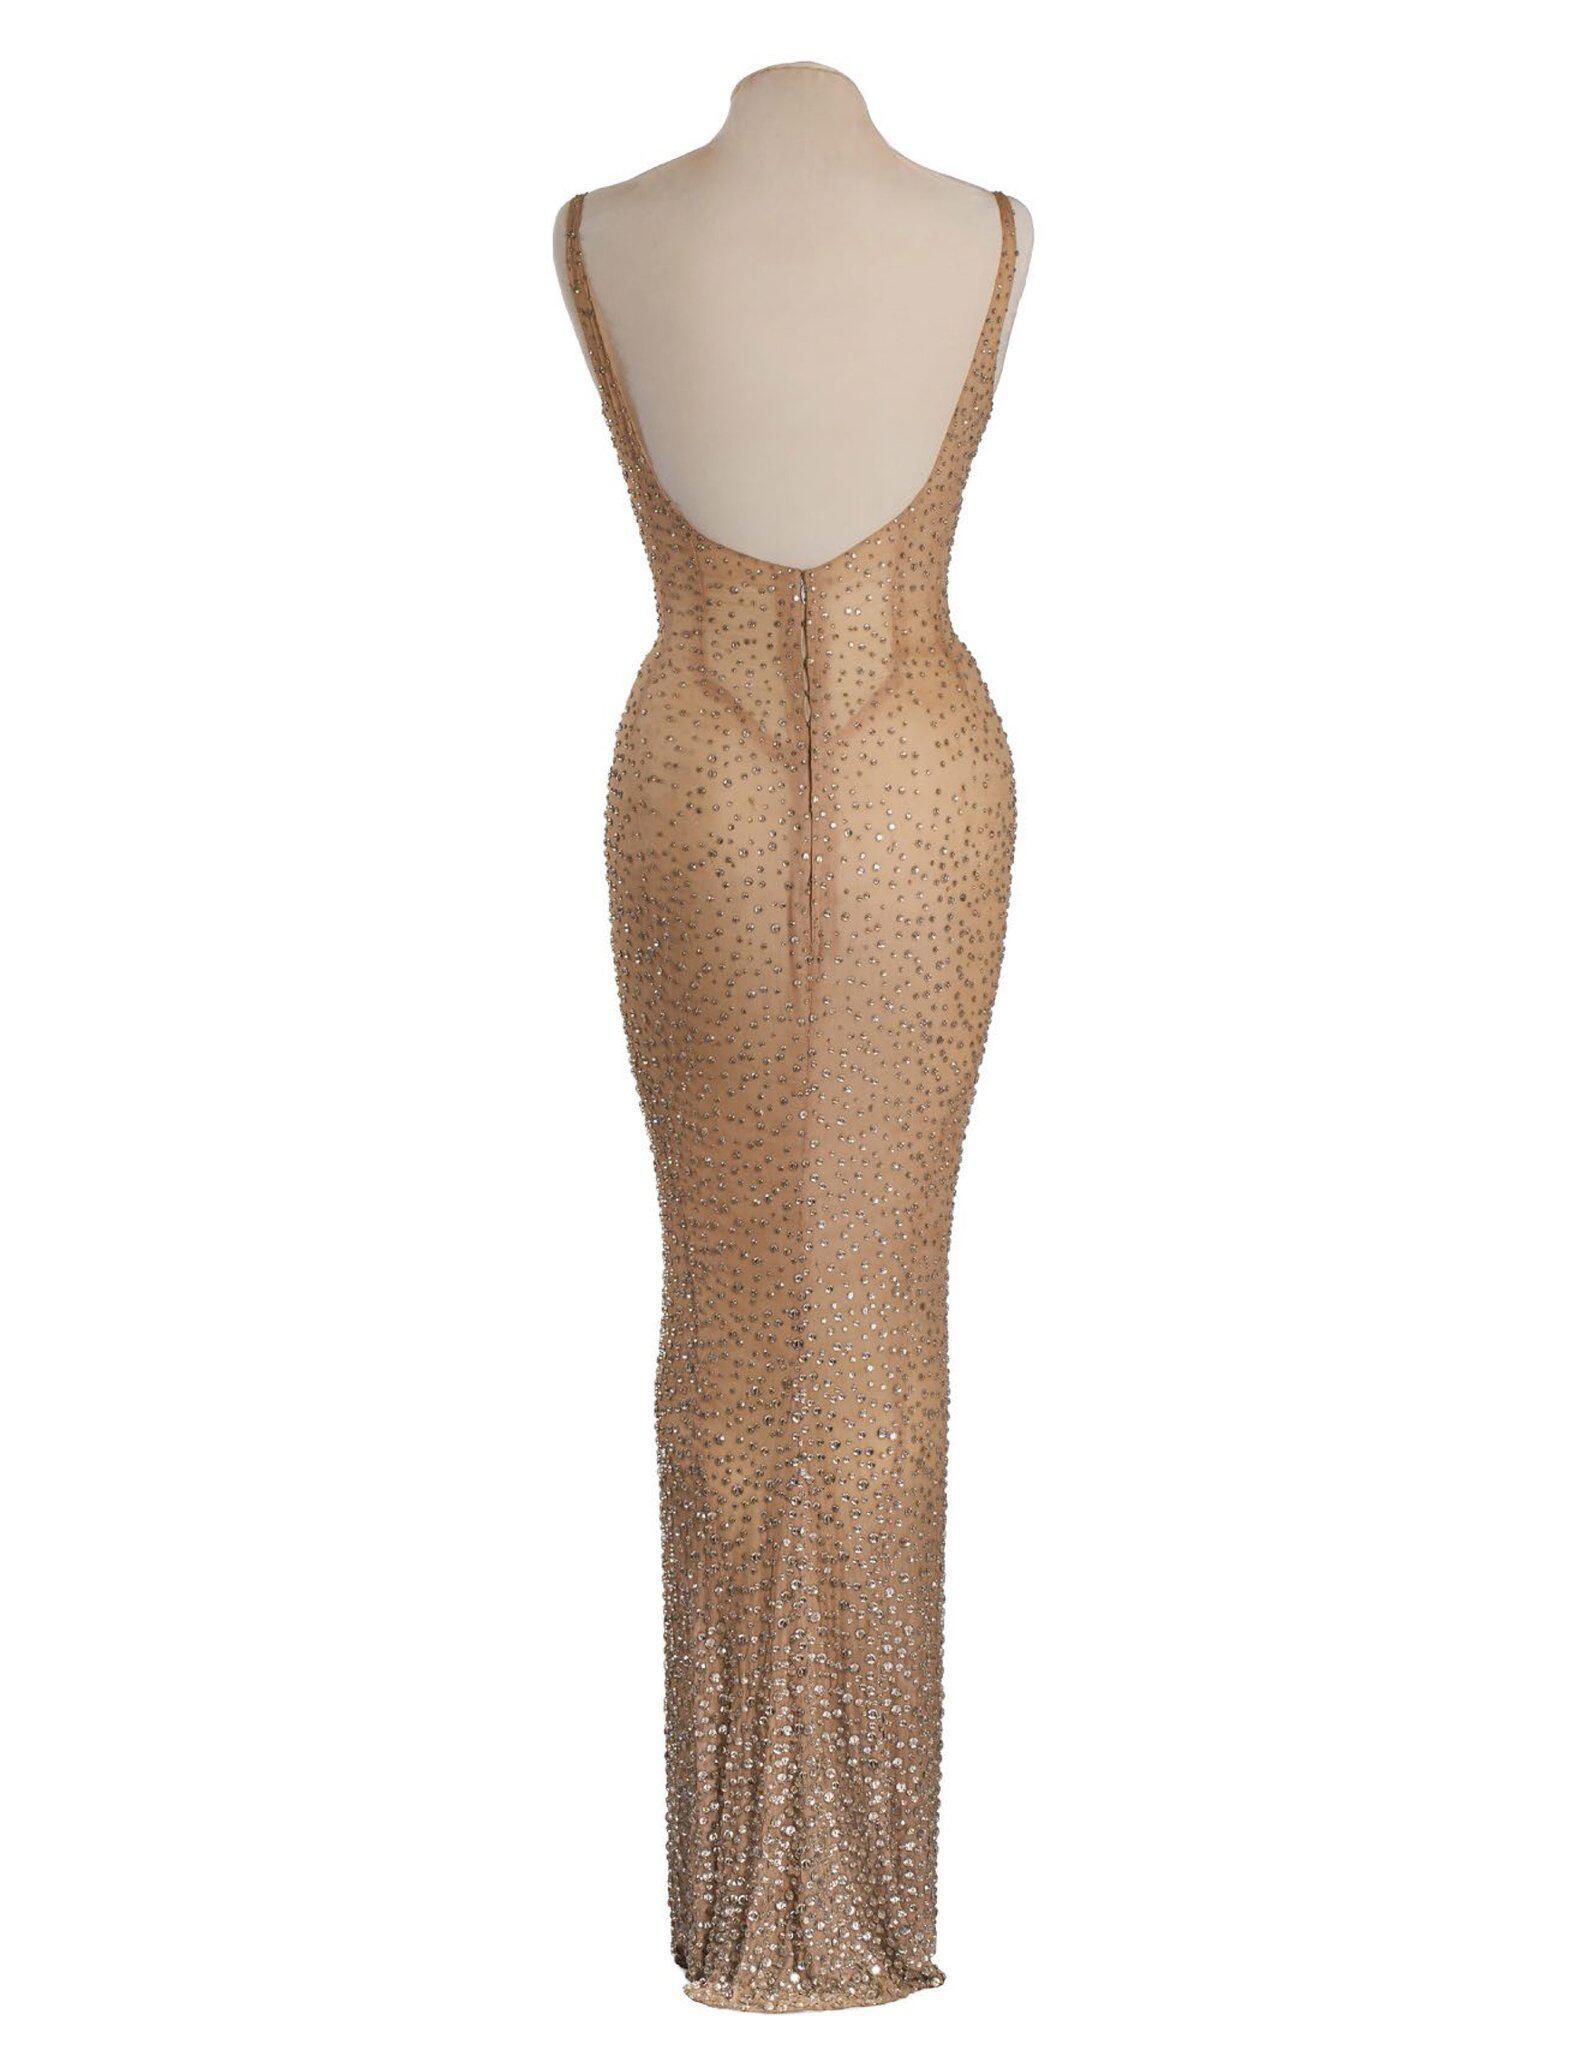 Bild zu Historic dress worn by Marylin Monroe in auction